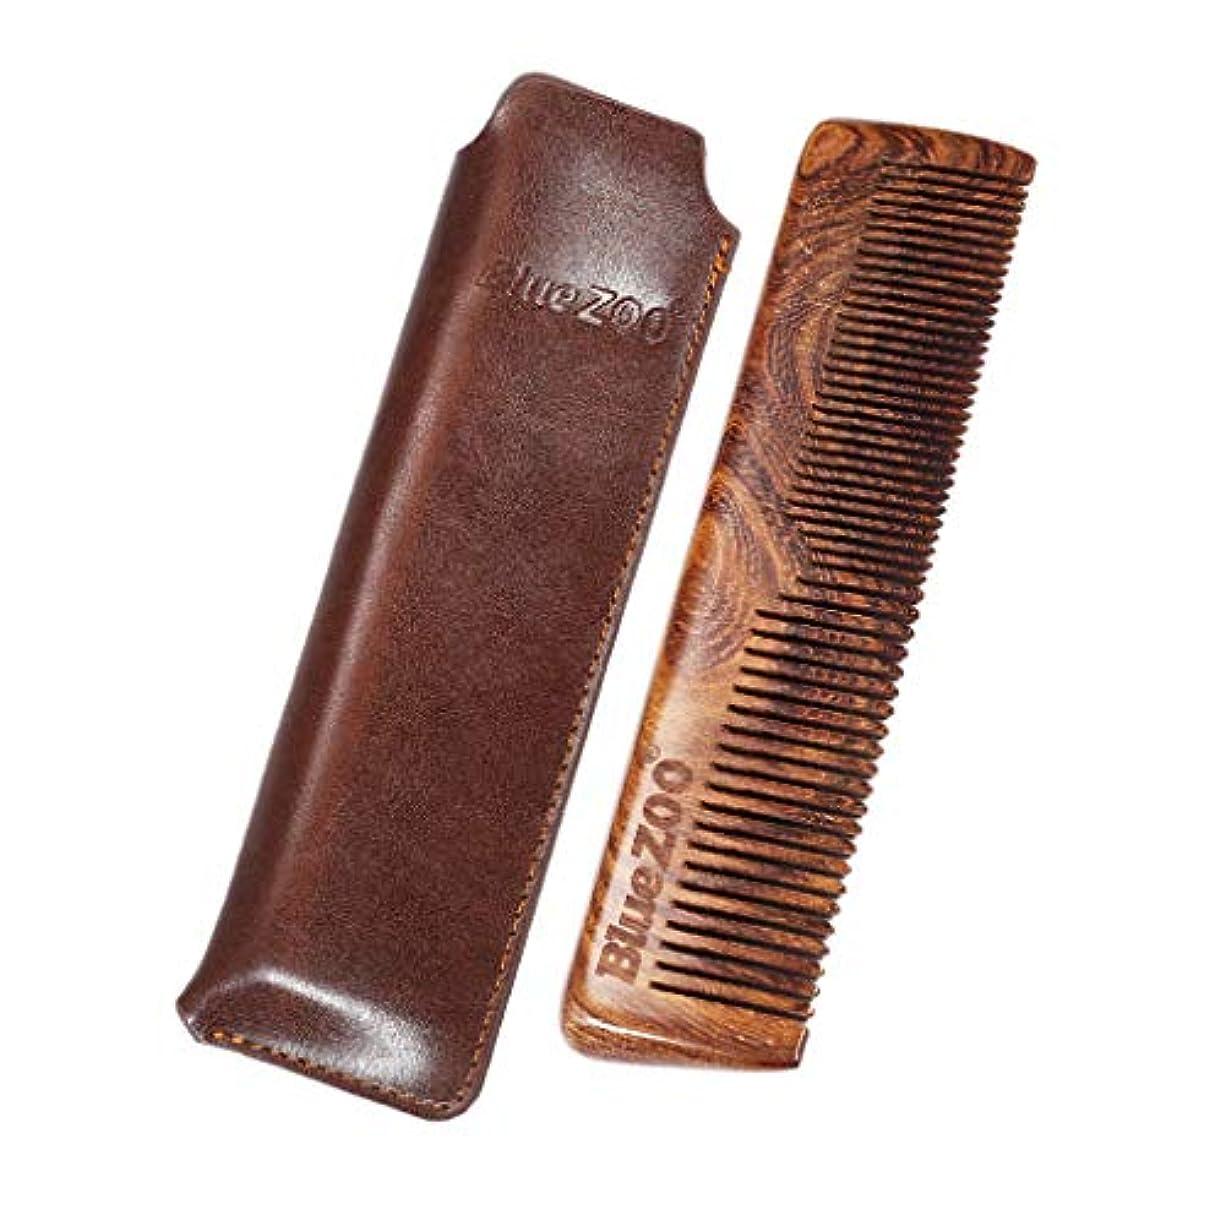 リッチピクニック奨学金B Blesiya ウッド 櫛 静電気防止櫛 ひげ櫛 収納バッグ メンズ プレゼント 2色選べ - 褐色